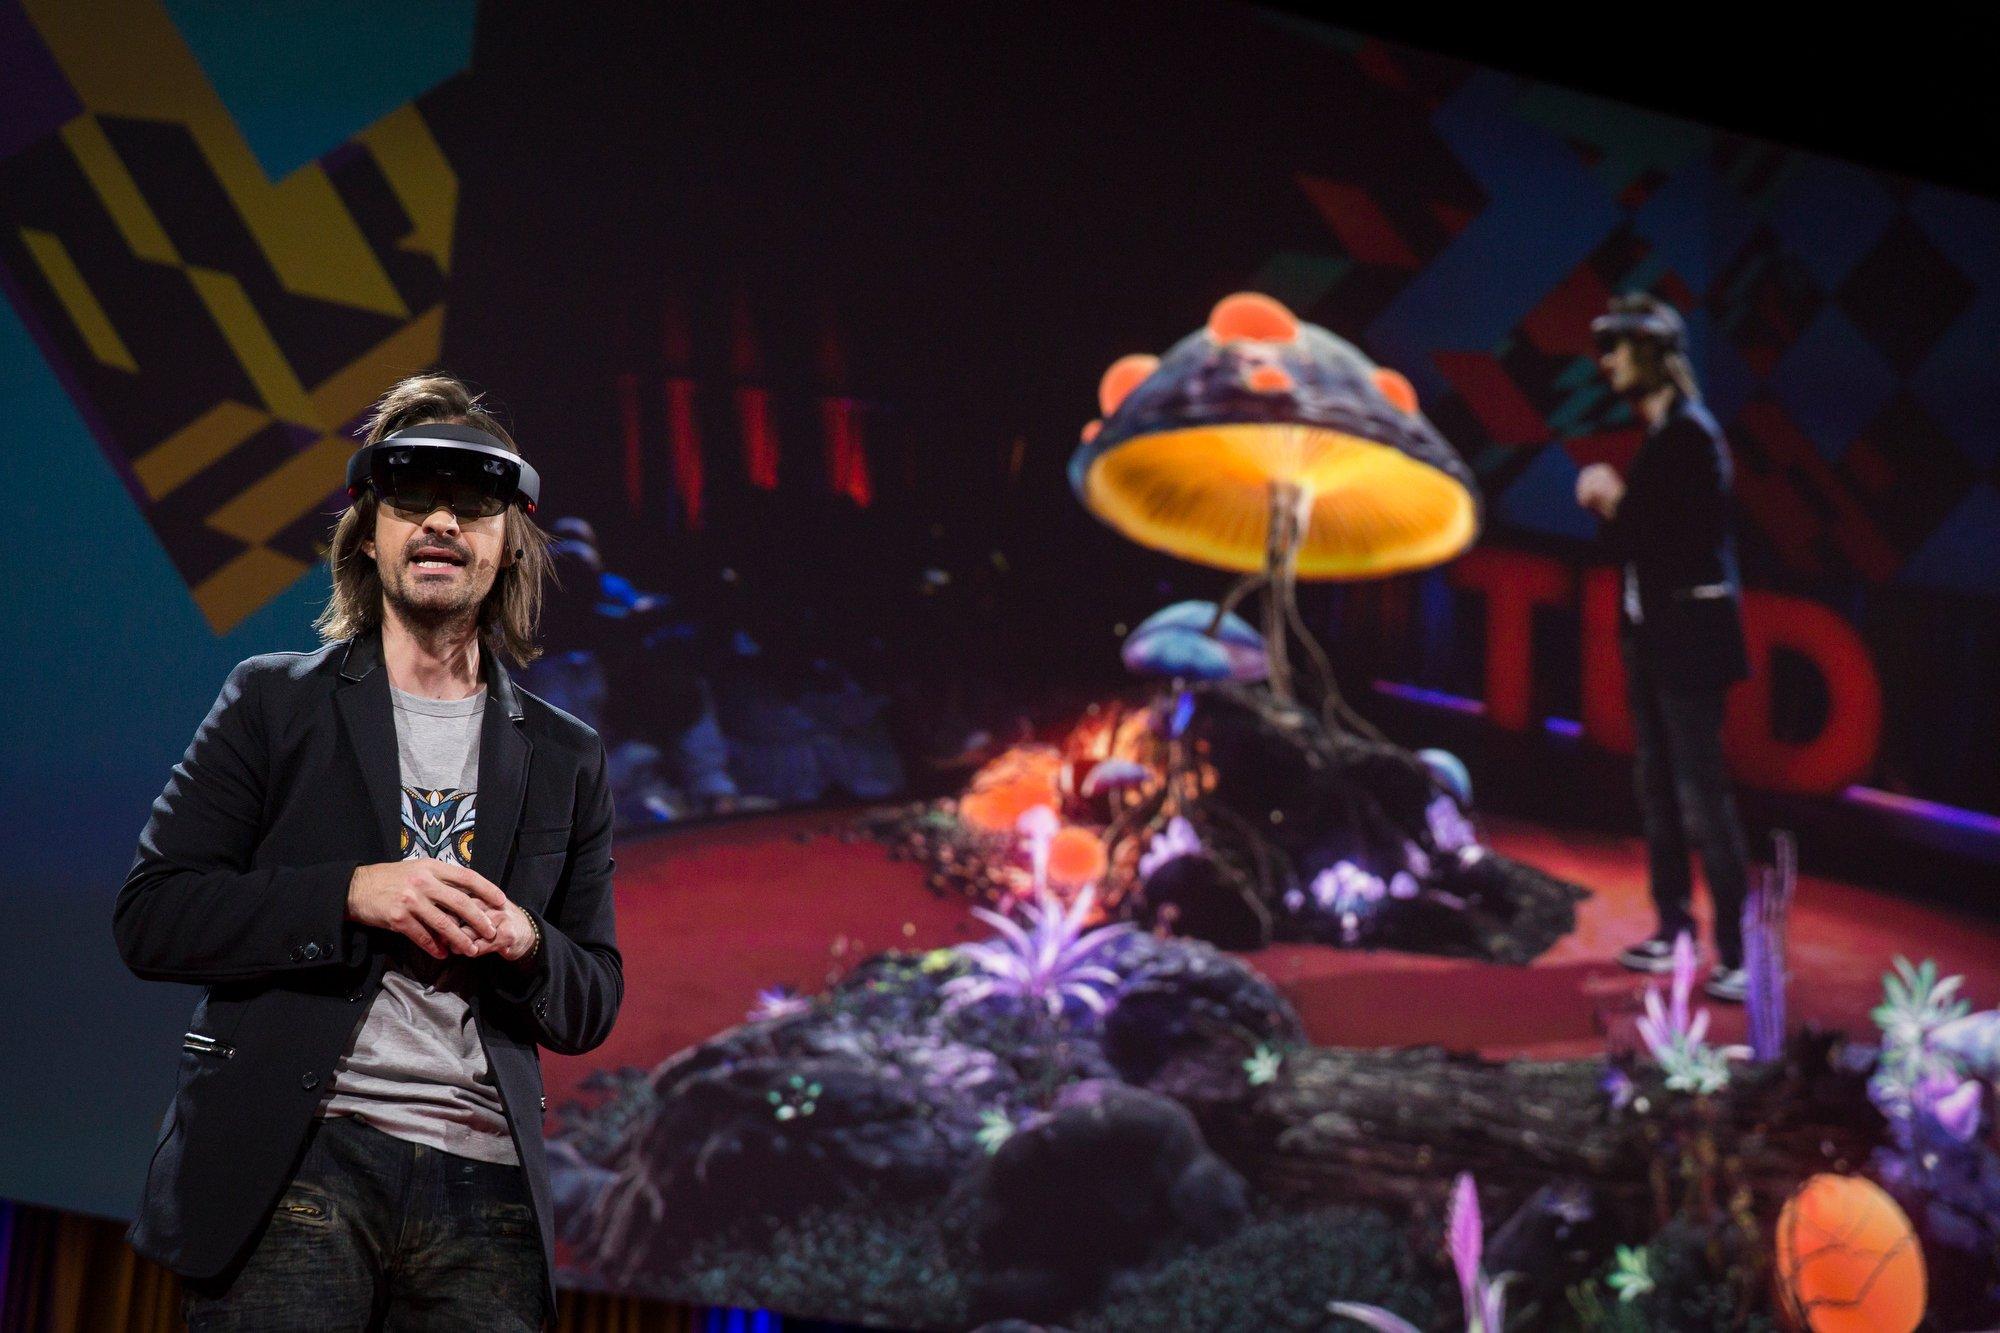 Yeni Hololens Demosu ile ilk holografik ışınlanmayı gerçekleştirdi